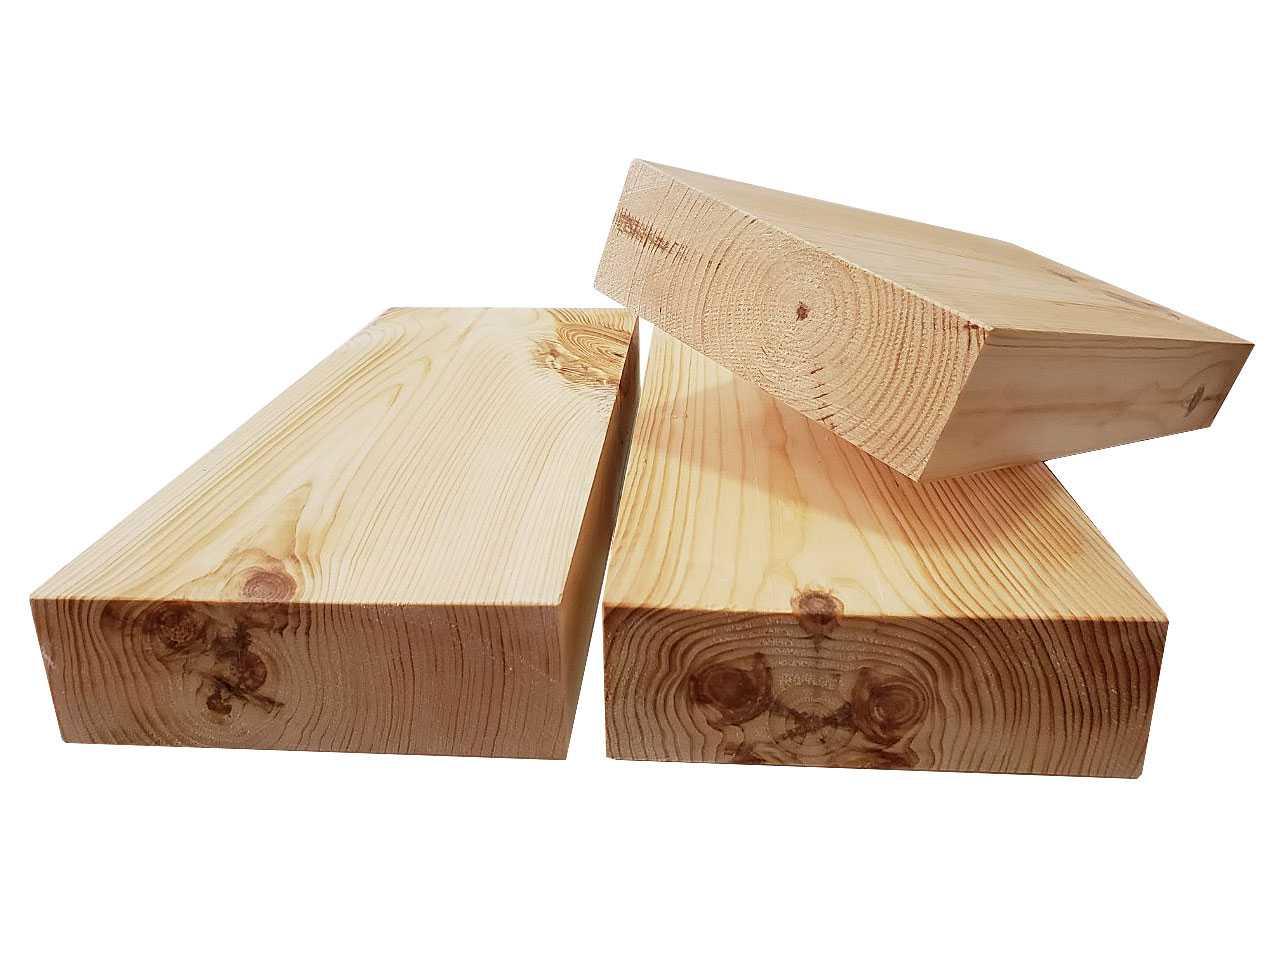 Сосновый брус строганный сухой 150x50 мм